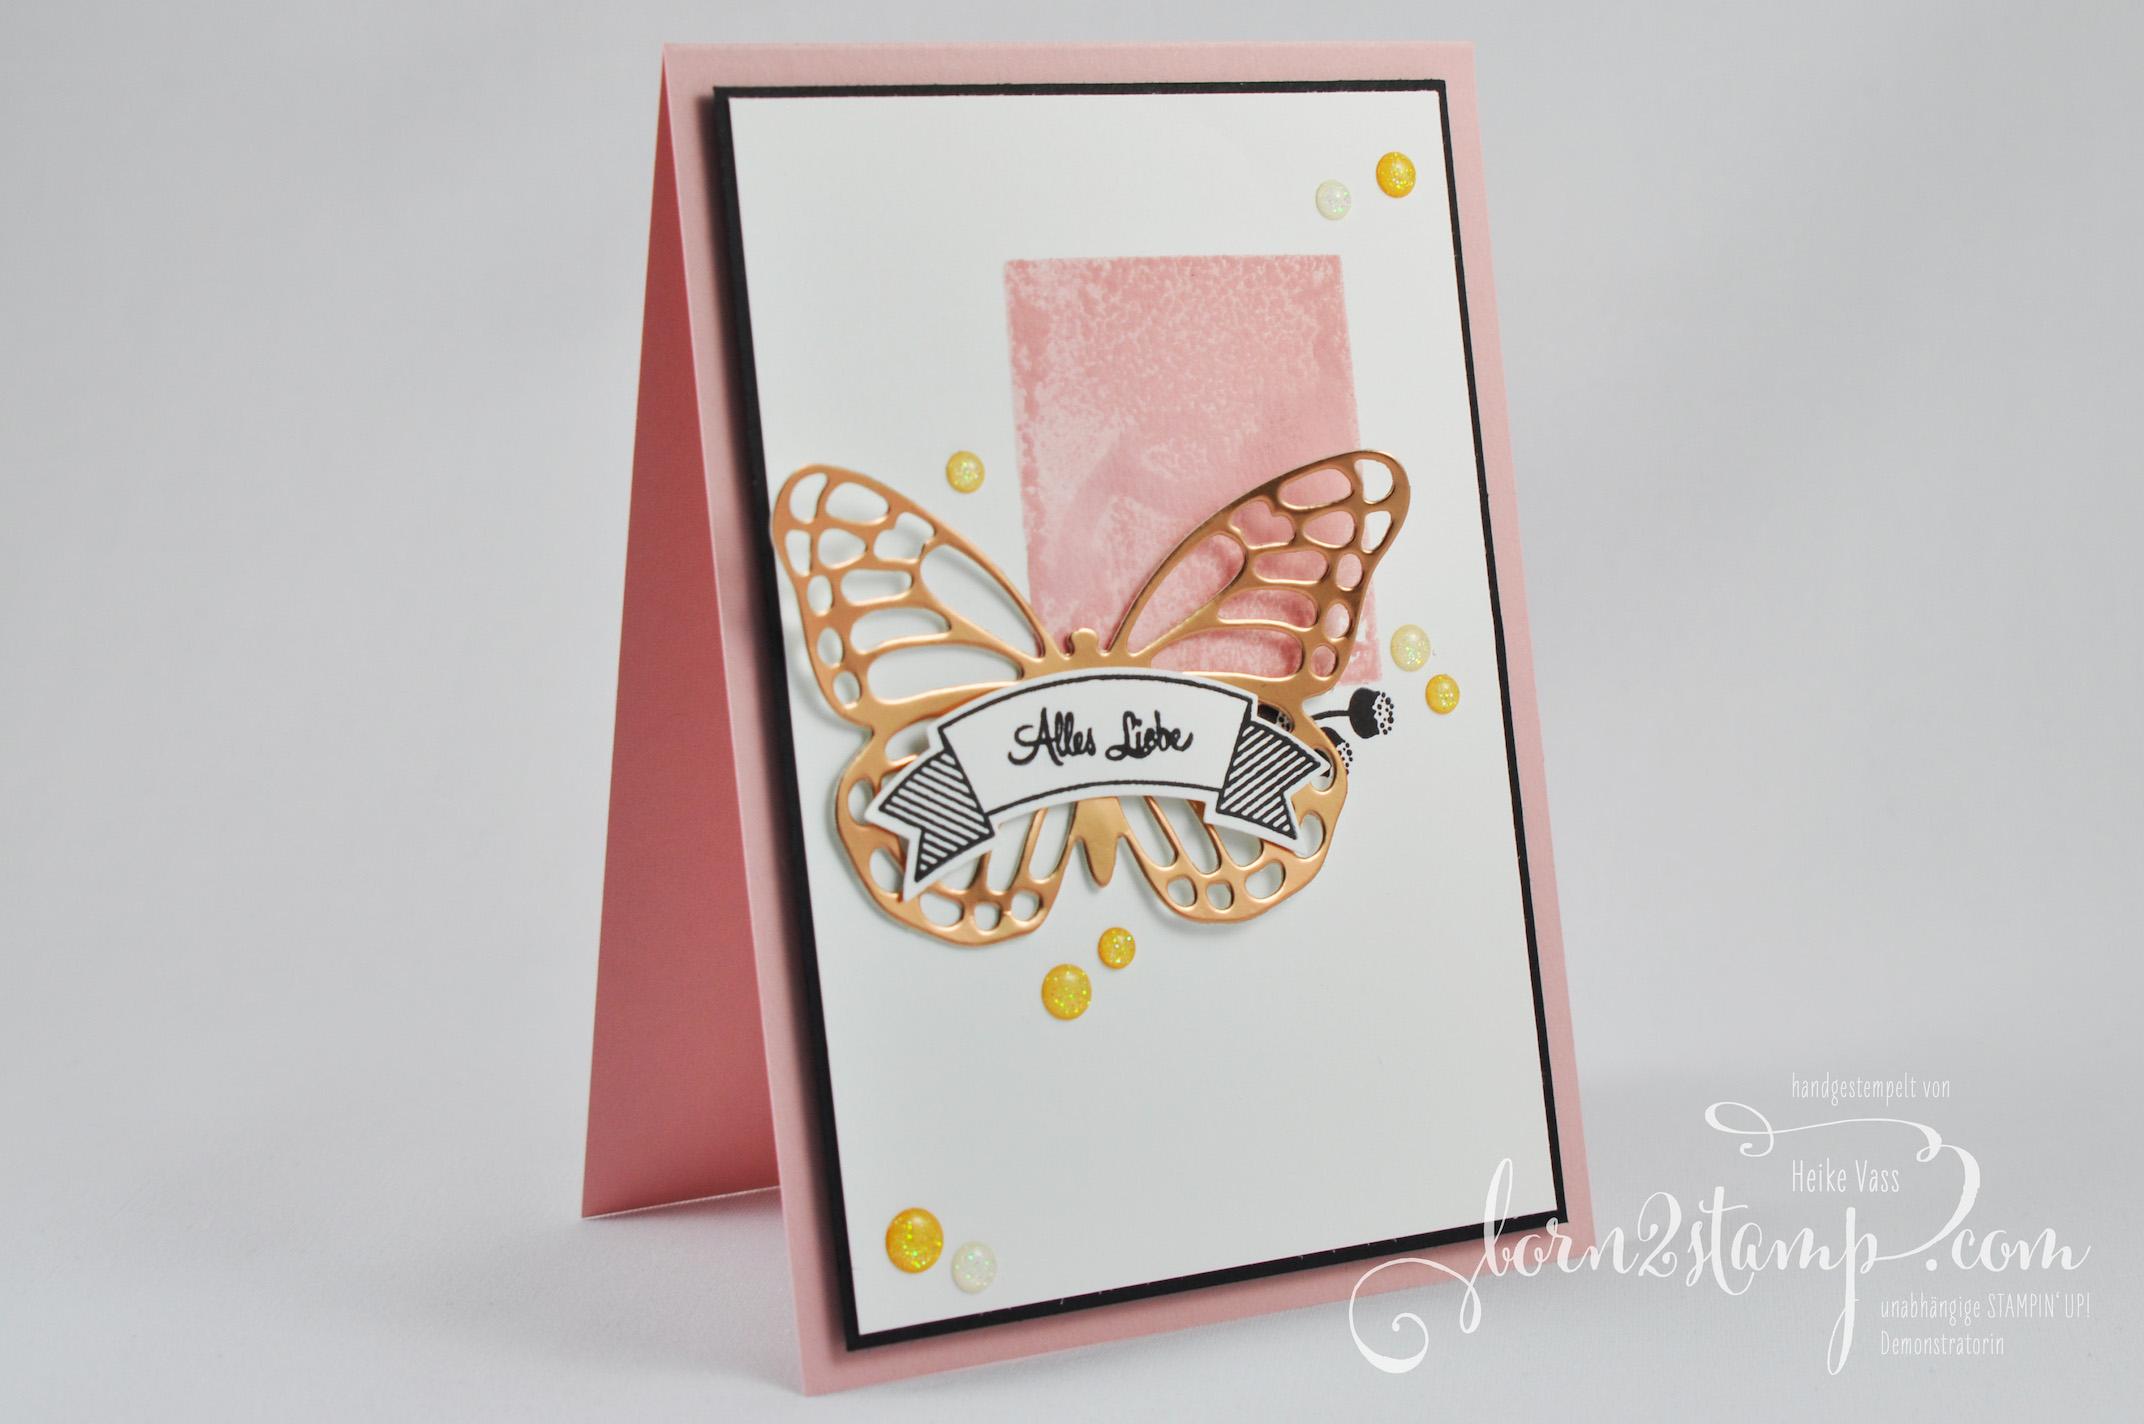 born2stamp STAMPIN' UP! IN{K}SPIRE_me – Geburtstagschallenge – Thinlits Schmetterlinge – Bannerweise Grüße – Alles Liebe Geburtstagskind